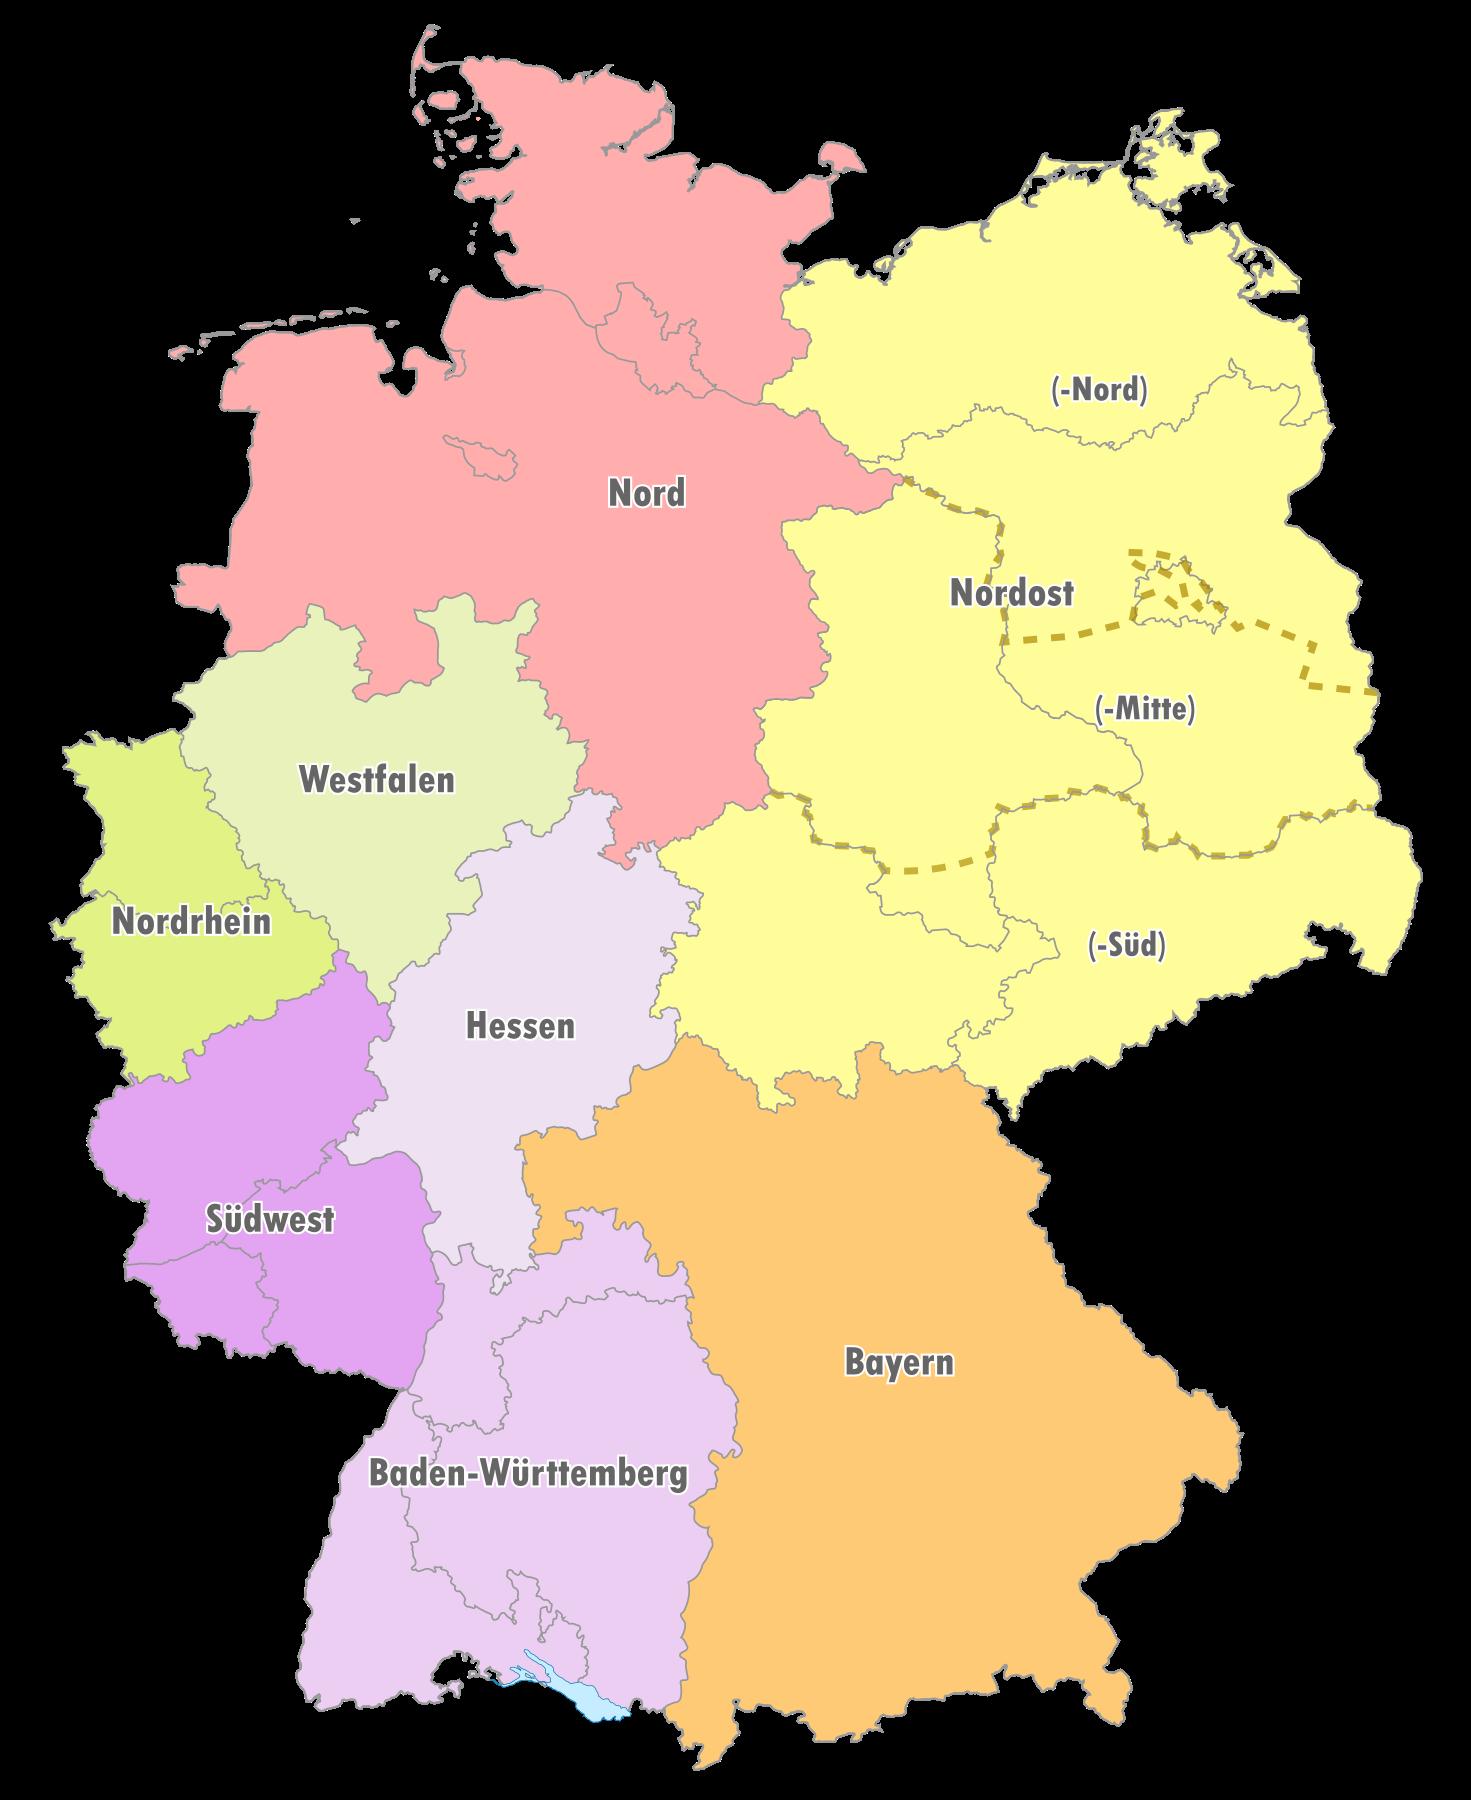 Geografische Einteilung der Oberligen zur Saison 1992/93